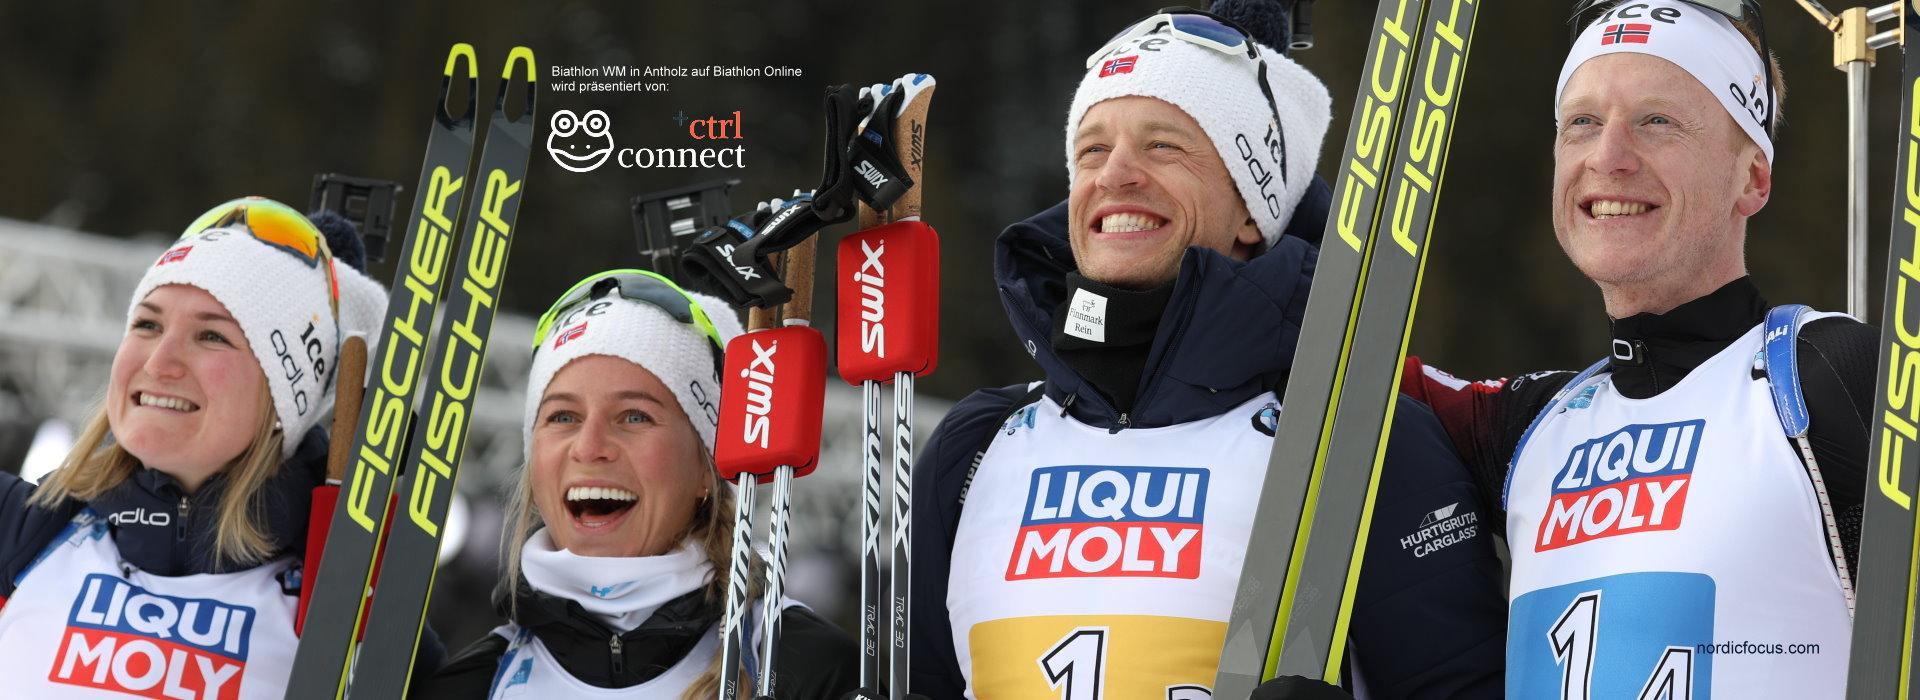 Sieg für Norwegen Mixed Staffel Biathlon WM Antholz 2020